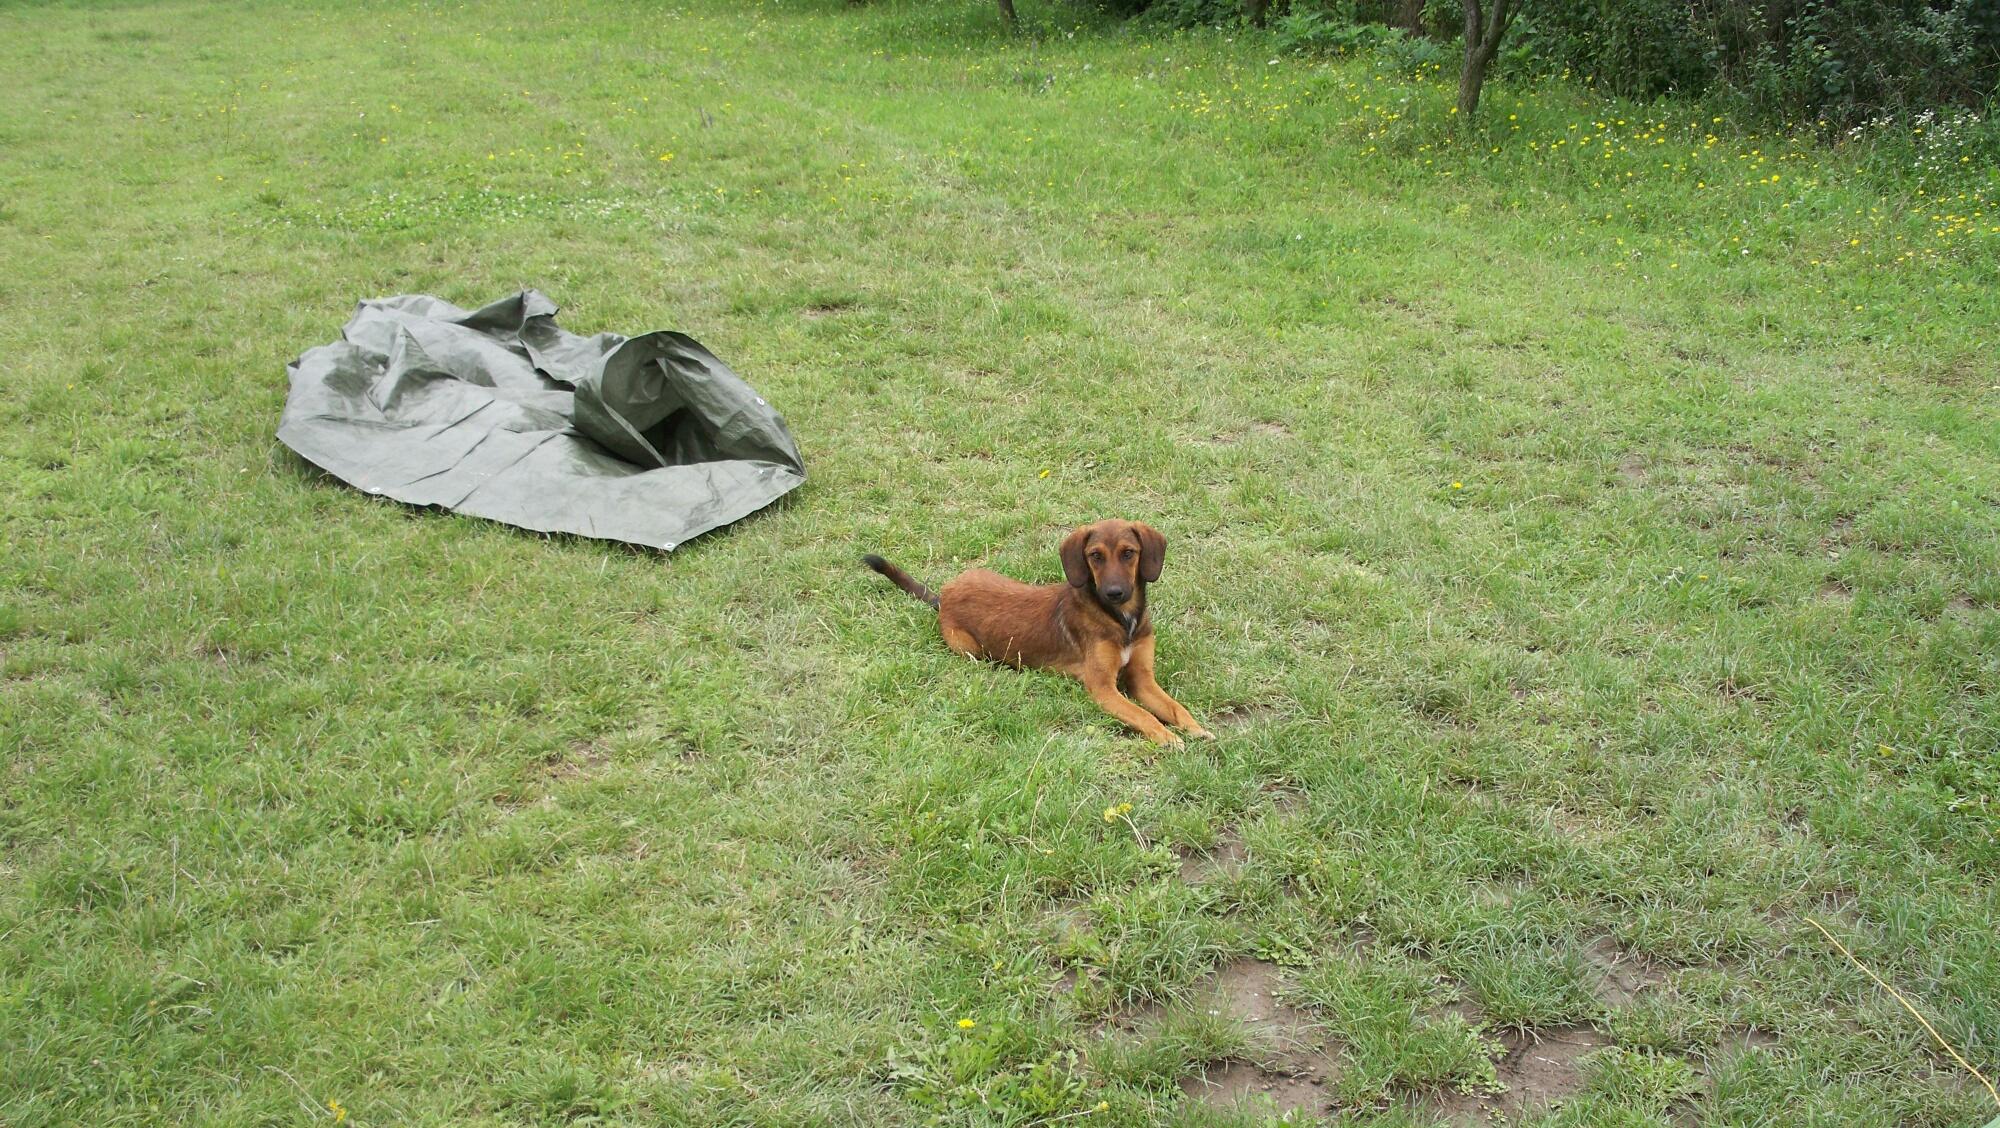 Freundliche Gesellschaft auf Campingplatz in Zenum_resized